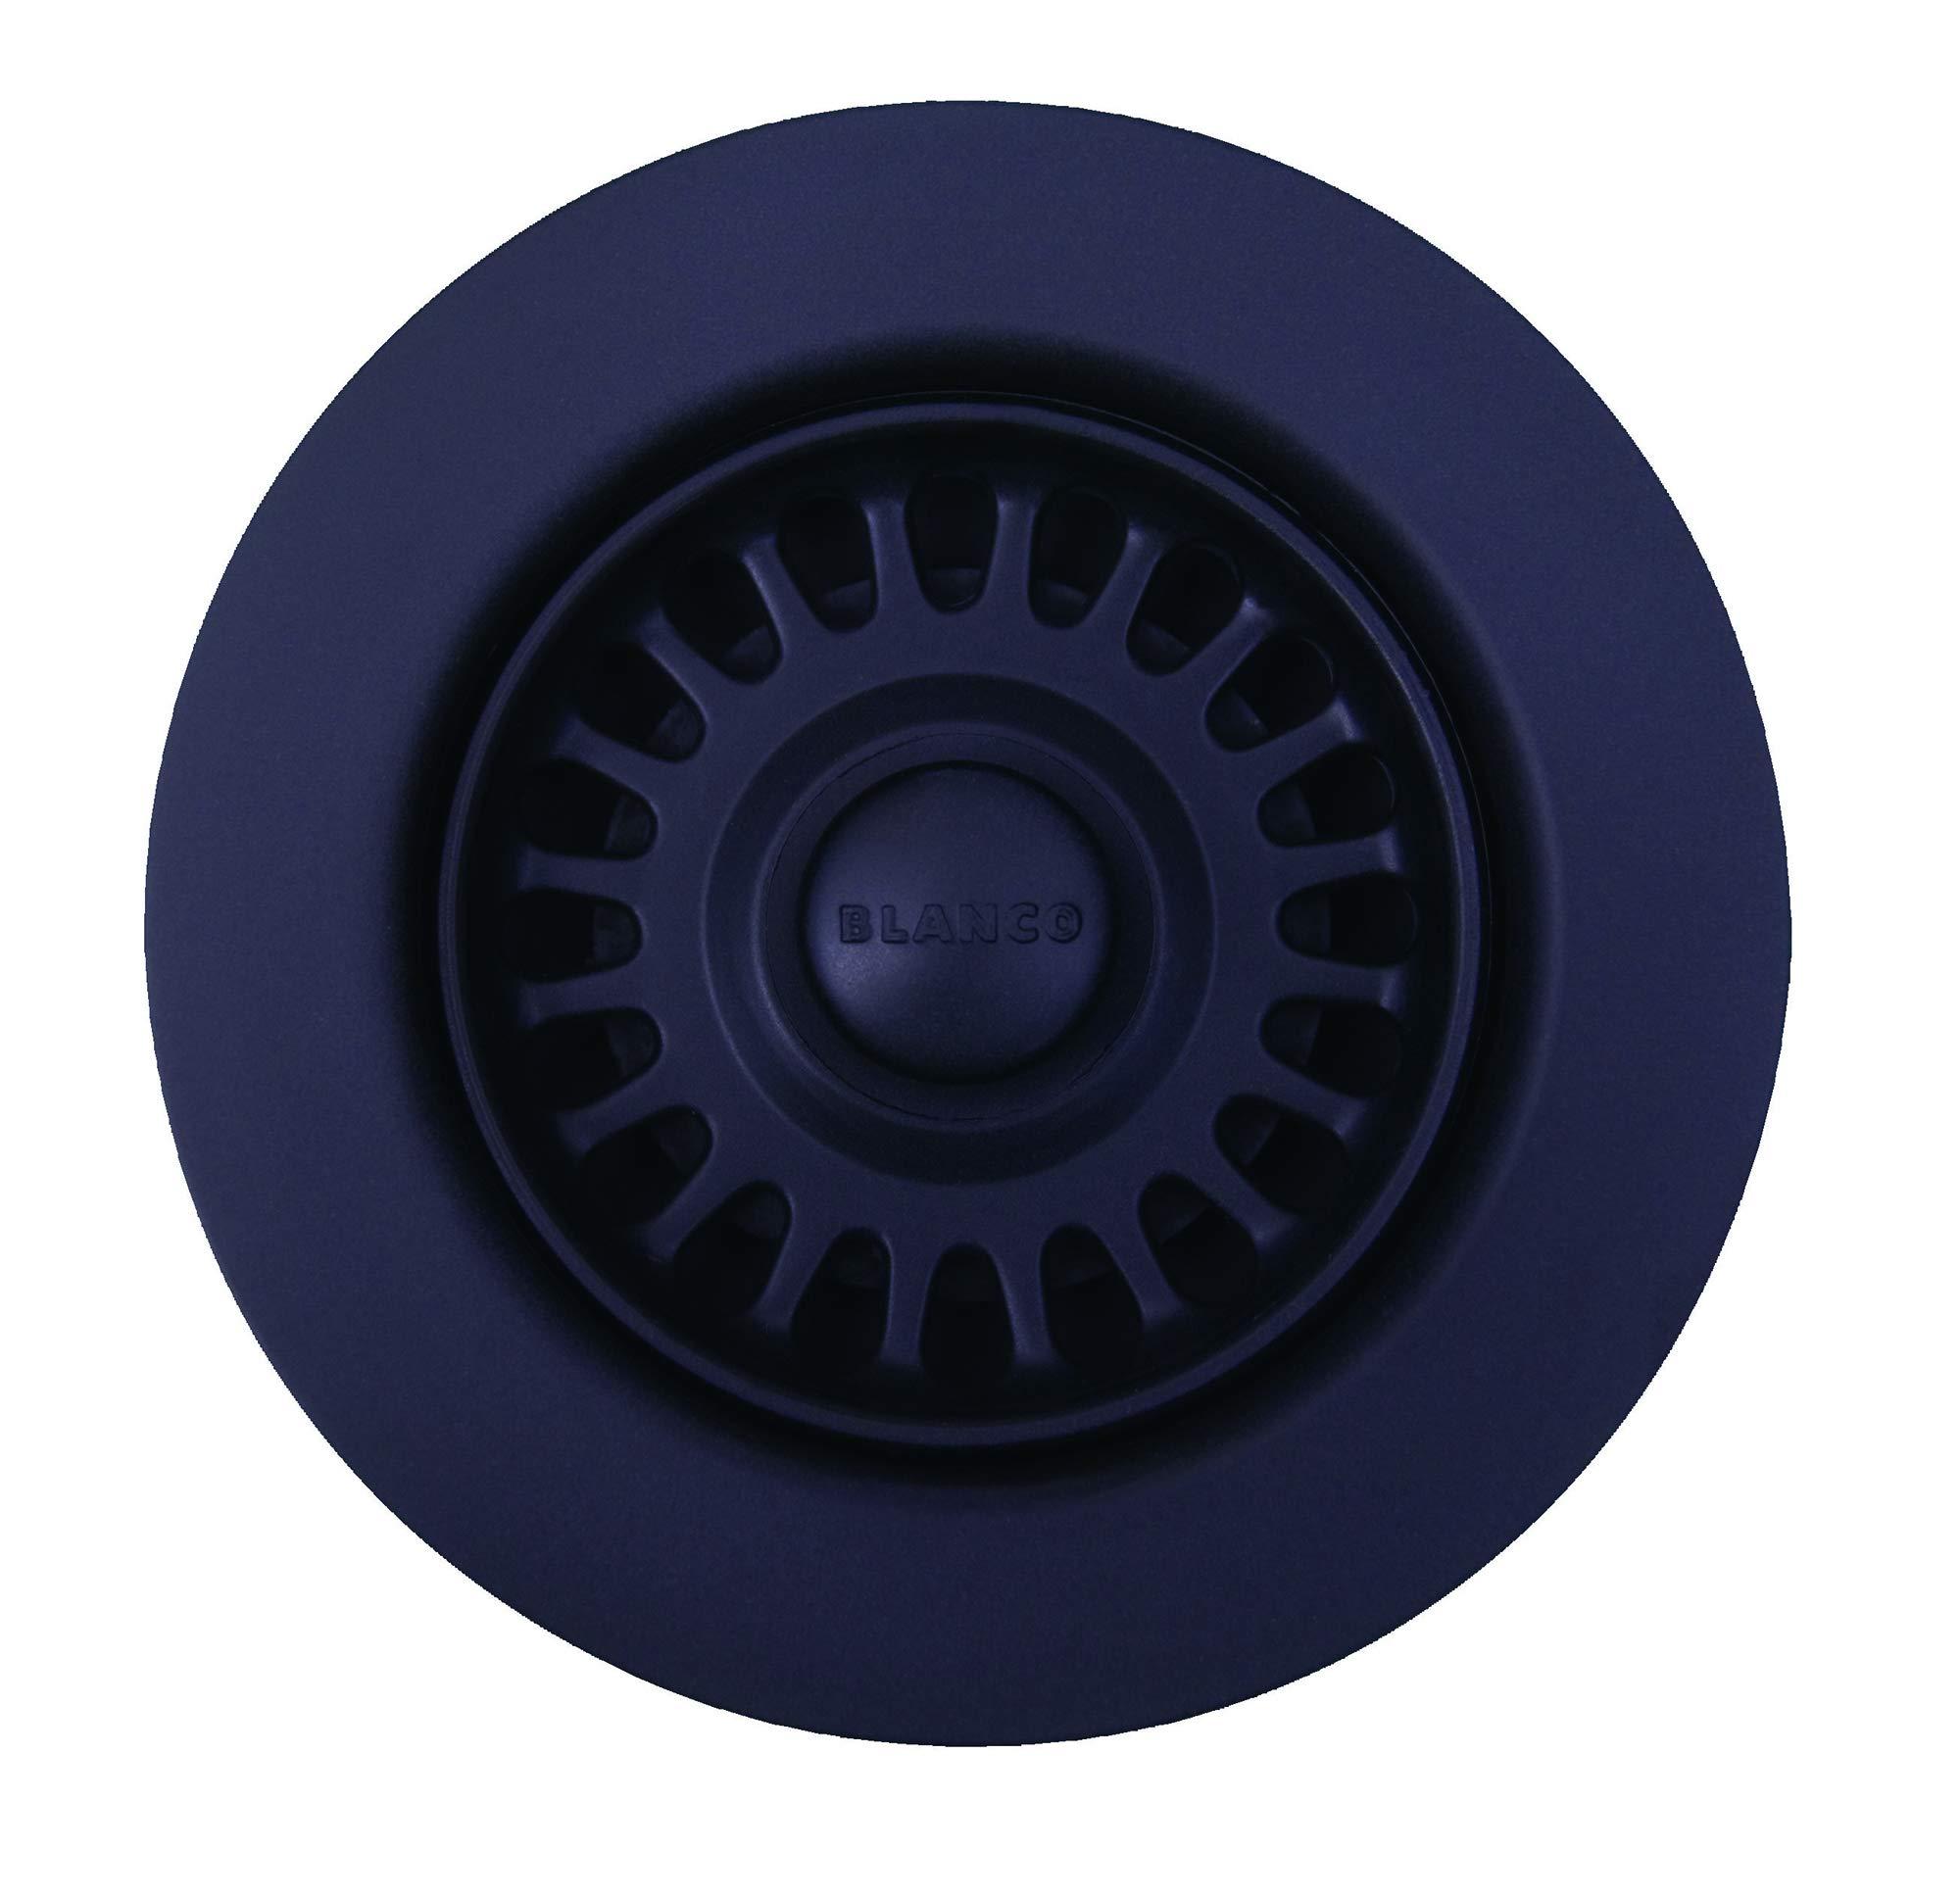 BLANCO 441090 Kitchen Sink Decorative Drain Basket Strainer, 3.5'', Anthracite by Blanco